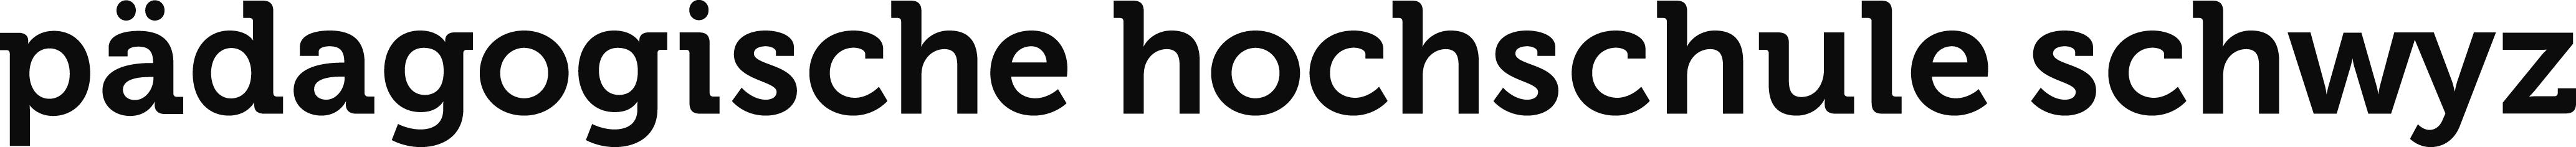 phsz_Logo_lang_sw